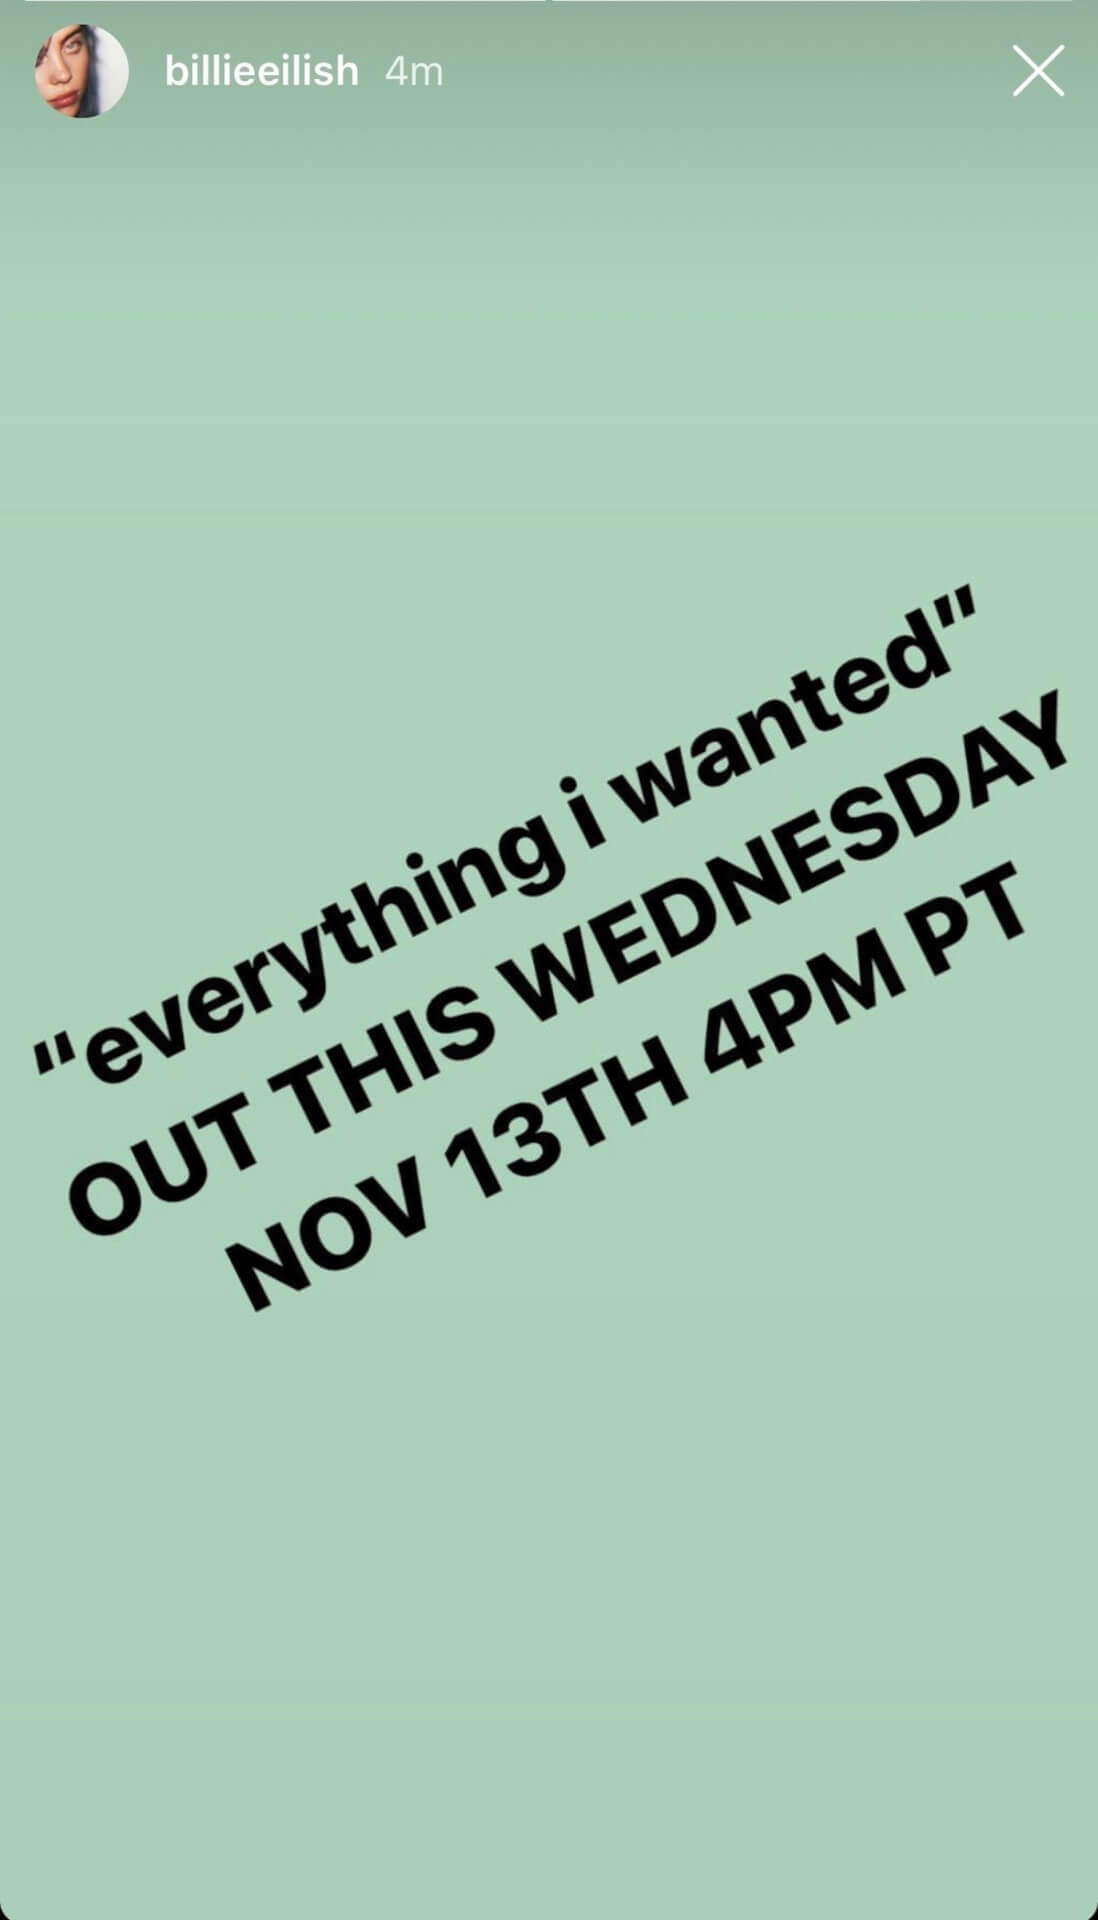 ビリー・アイリッシュ、新曲「everything i wanted」を全世界同時配信決定! music191111_billieeilish_newsong_1